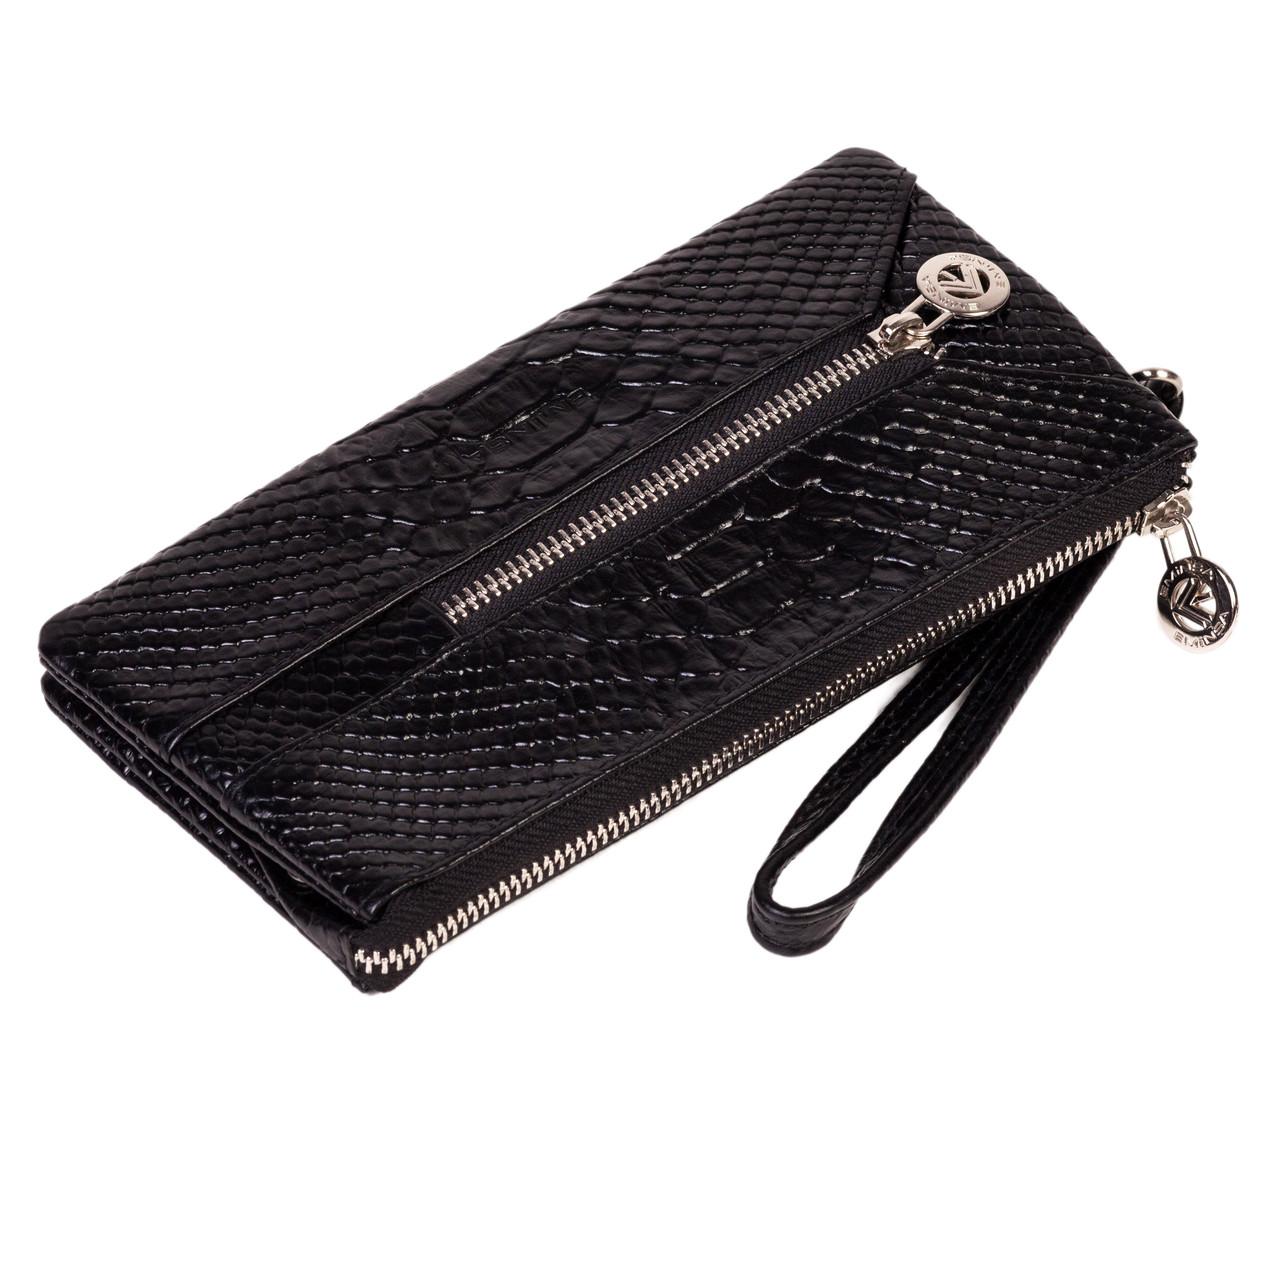 Мужской кошелек клатч Eminsa 2123-21-1 с отделением для ключей черный